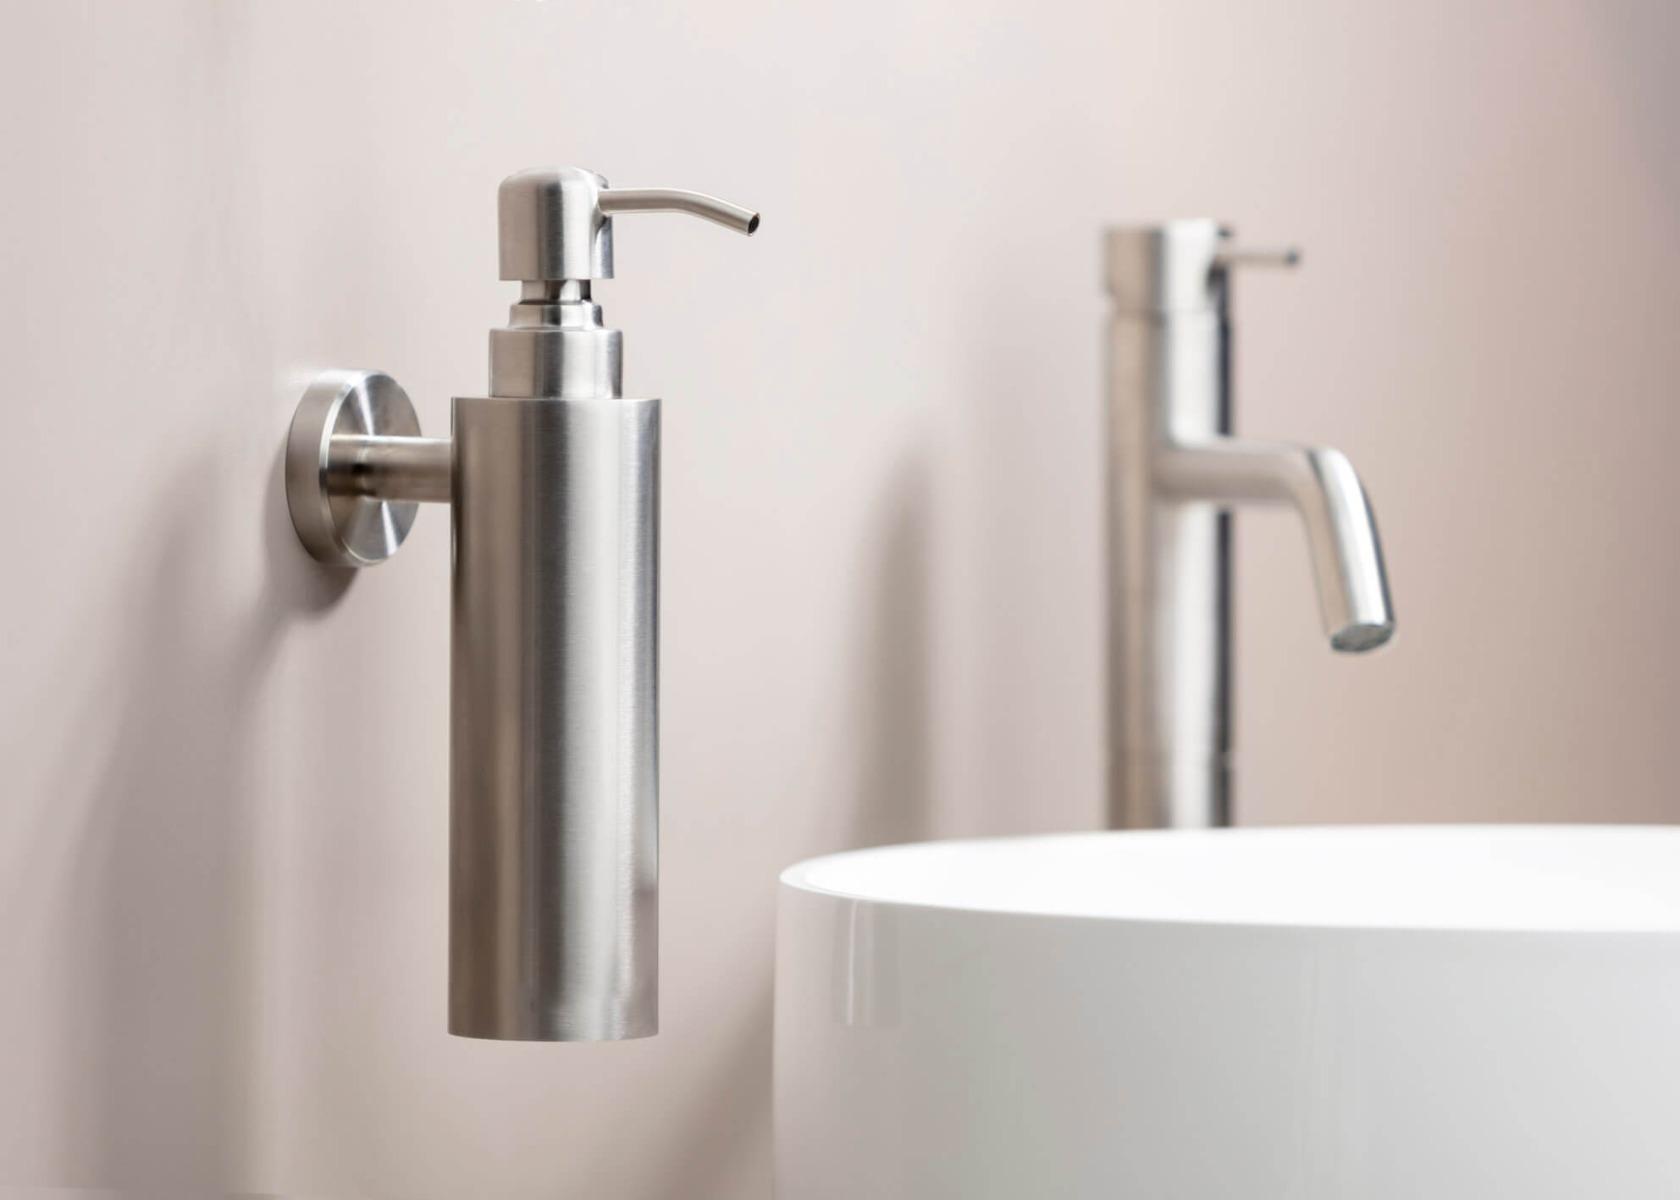 Badkamer trends 2021. Inspiratie voor de badkamer. Qisani via Dekker Zevenhuizen #badkamer #badkamertrends #badkamerinspiratie #verbouwen #dekkerzevenhuizen #qisani